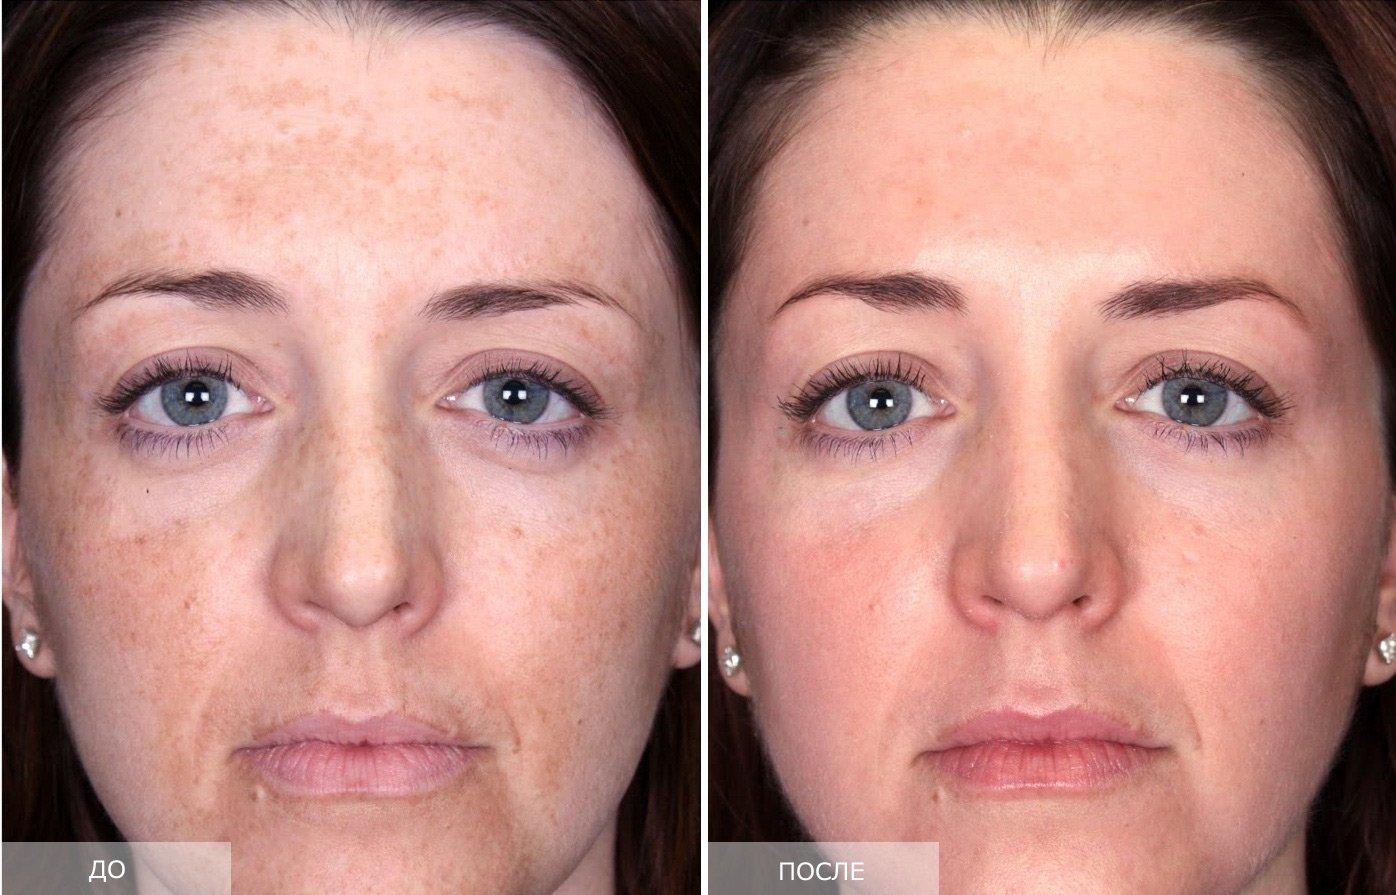 Застосування цинкової мазі від зморшок на обличчі в косметології. Переваги та протипоказання використання крему